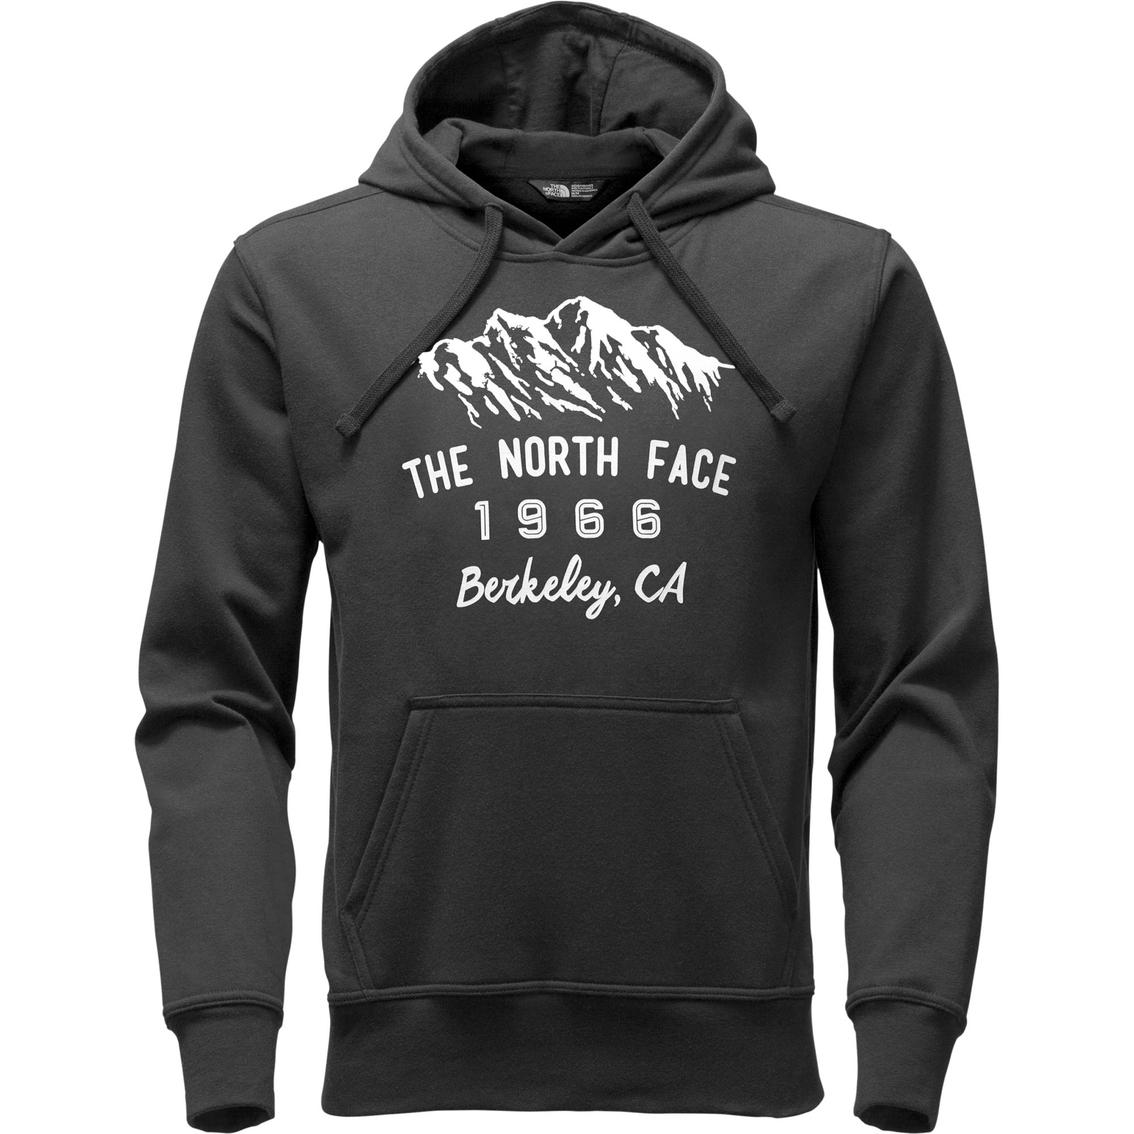 b1765e6226 The North Face Berkeley Mountain Pullover Fleece Hoodie